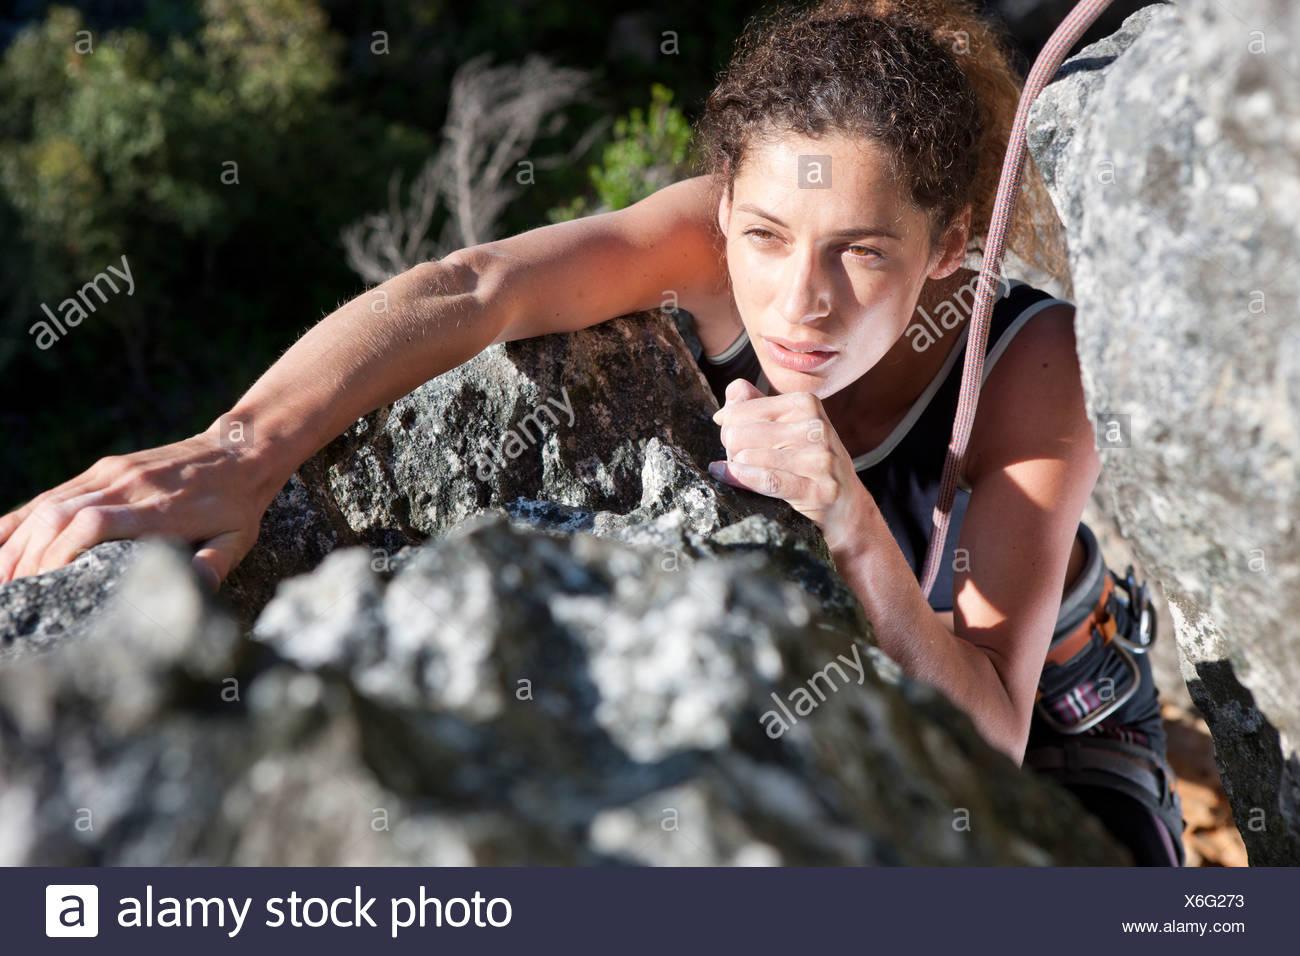 Las hembras jóvenes de escalador subir la roca Imagen De Stock